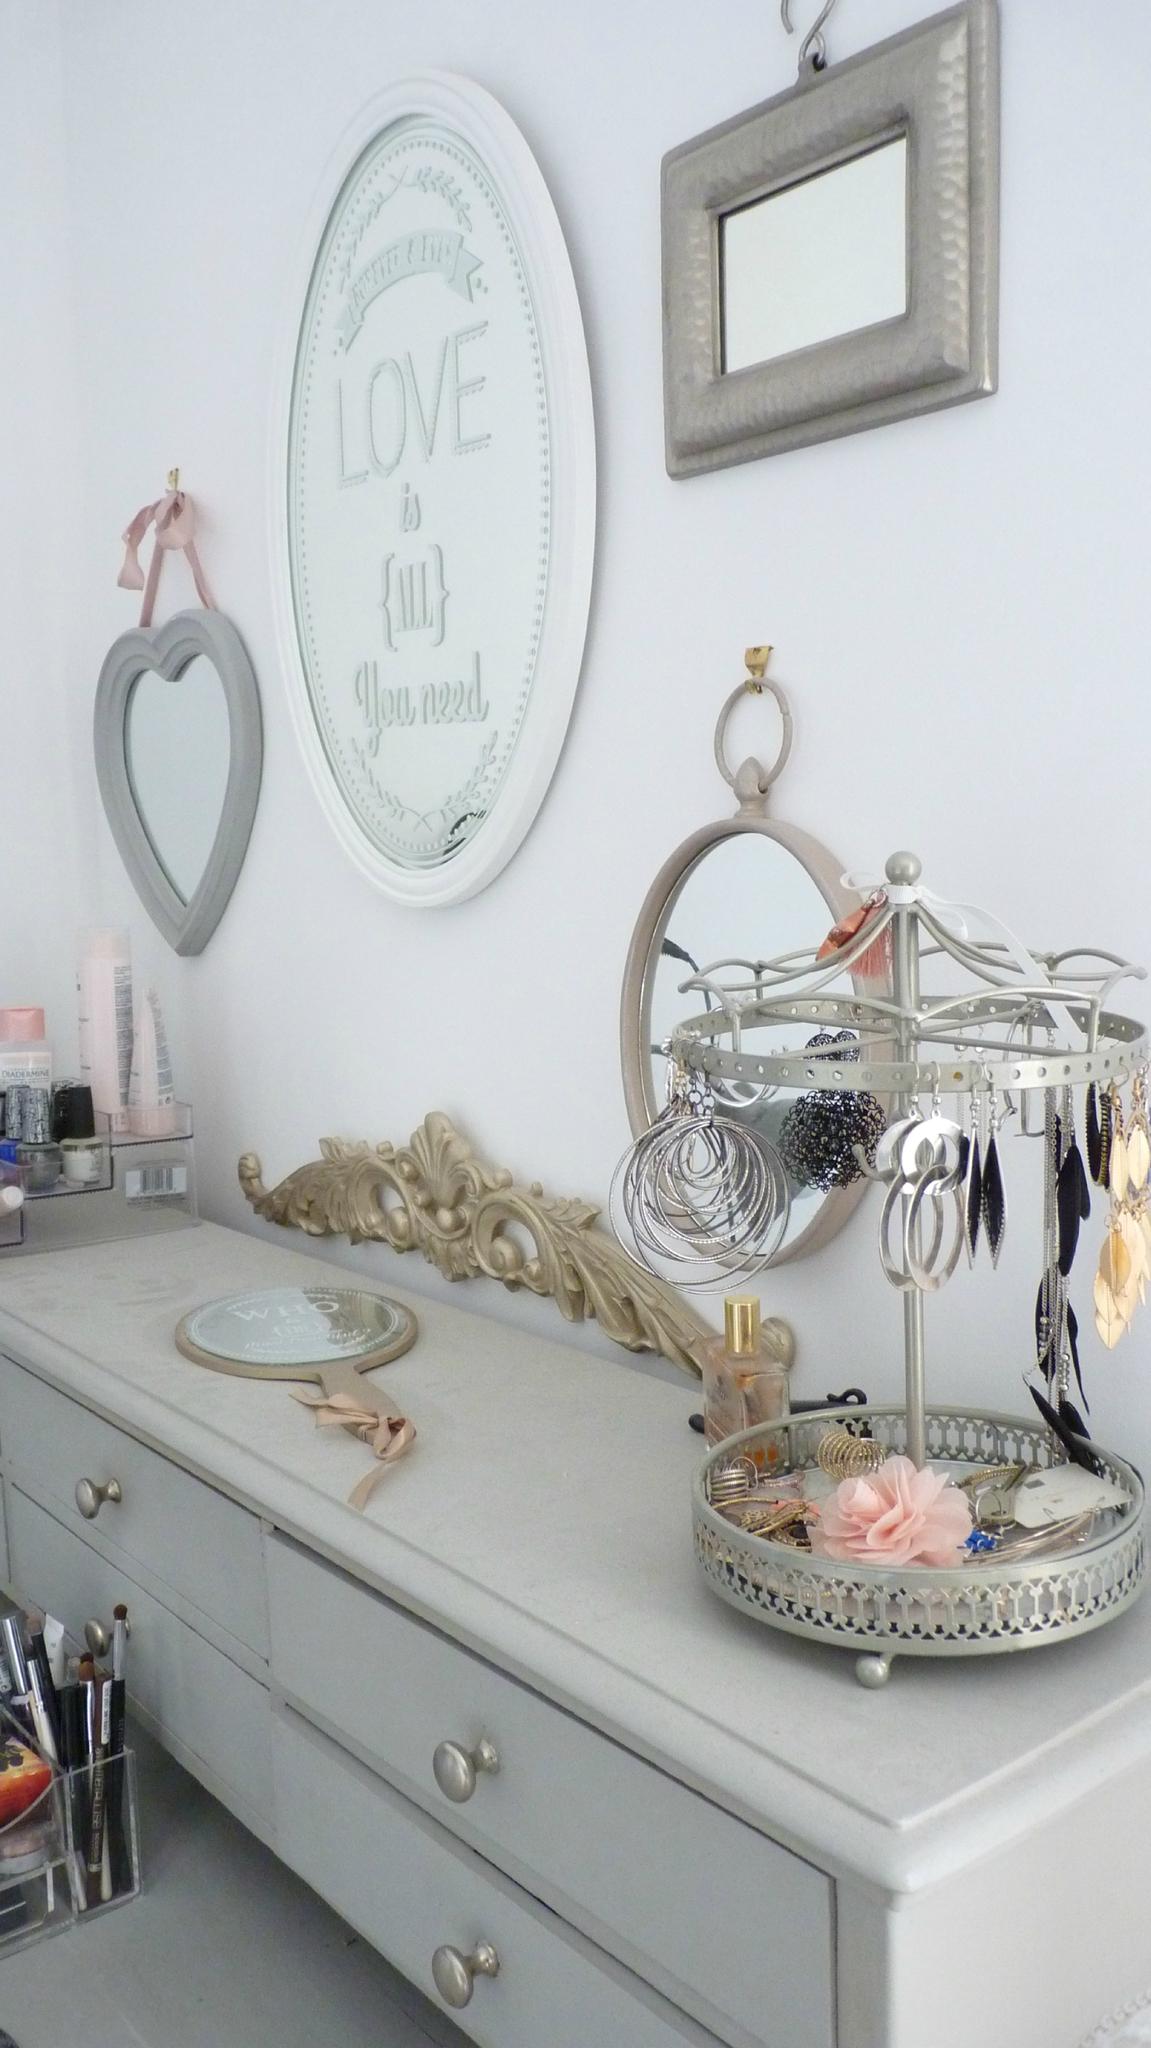 maison du monde la valentine bougie sucettes coeur maison. Black Bedroom Furniture Sets. Home Design Ideas